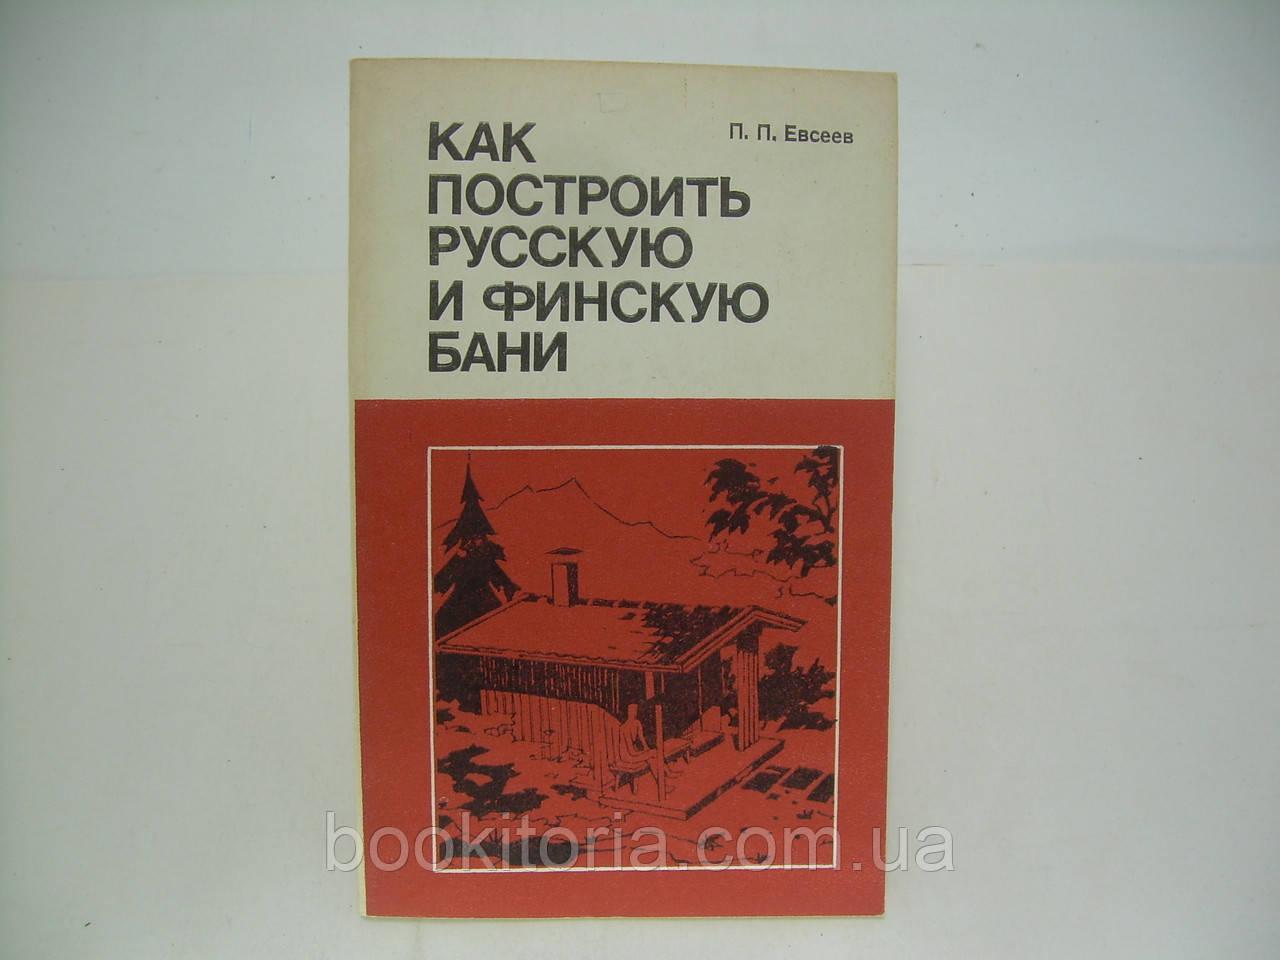 Евсеев П.П. Как построить русскую и финскую бани (б/у).